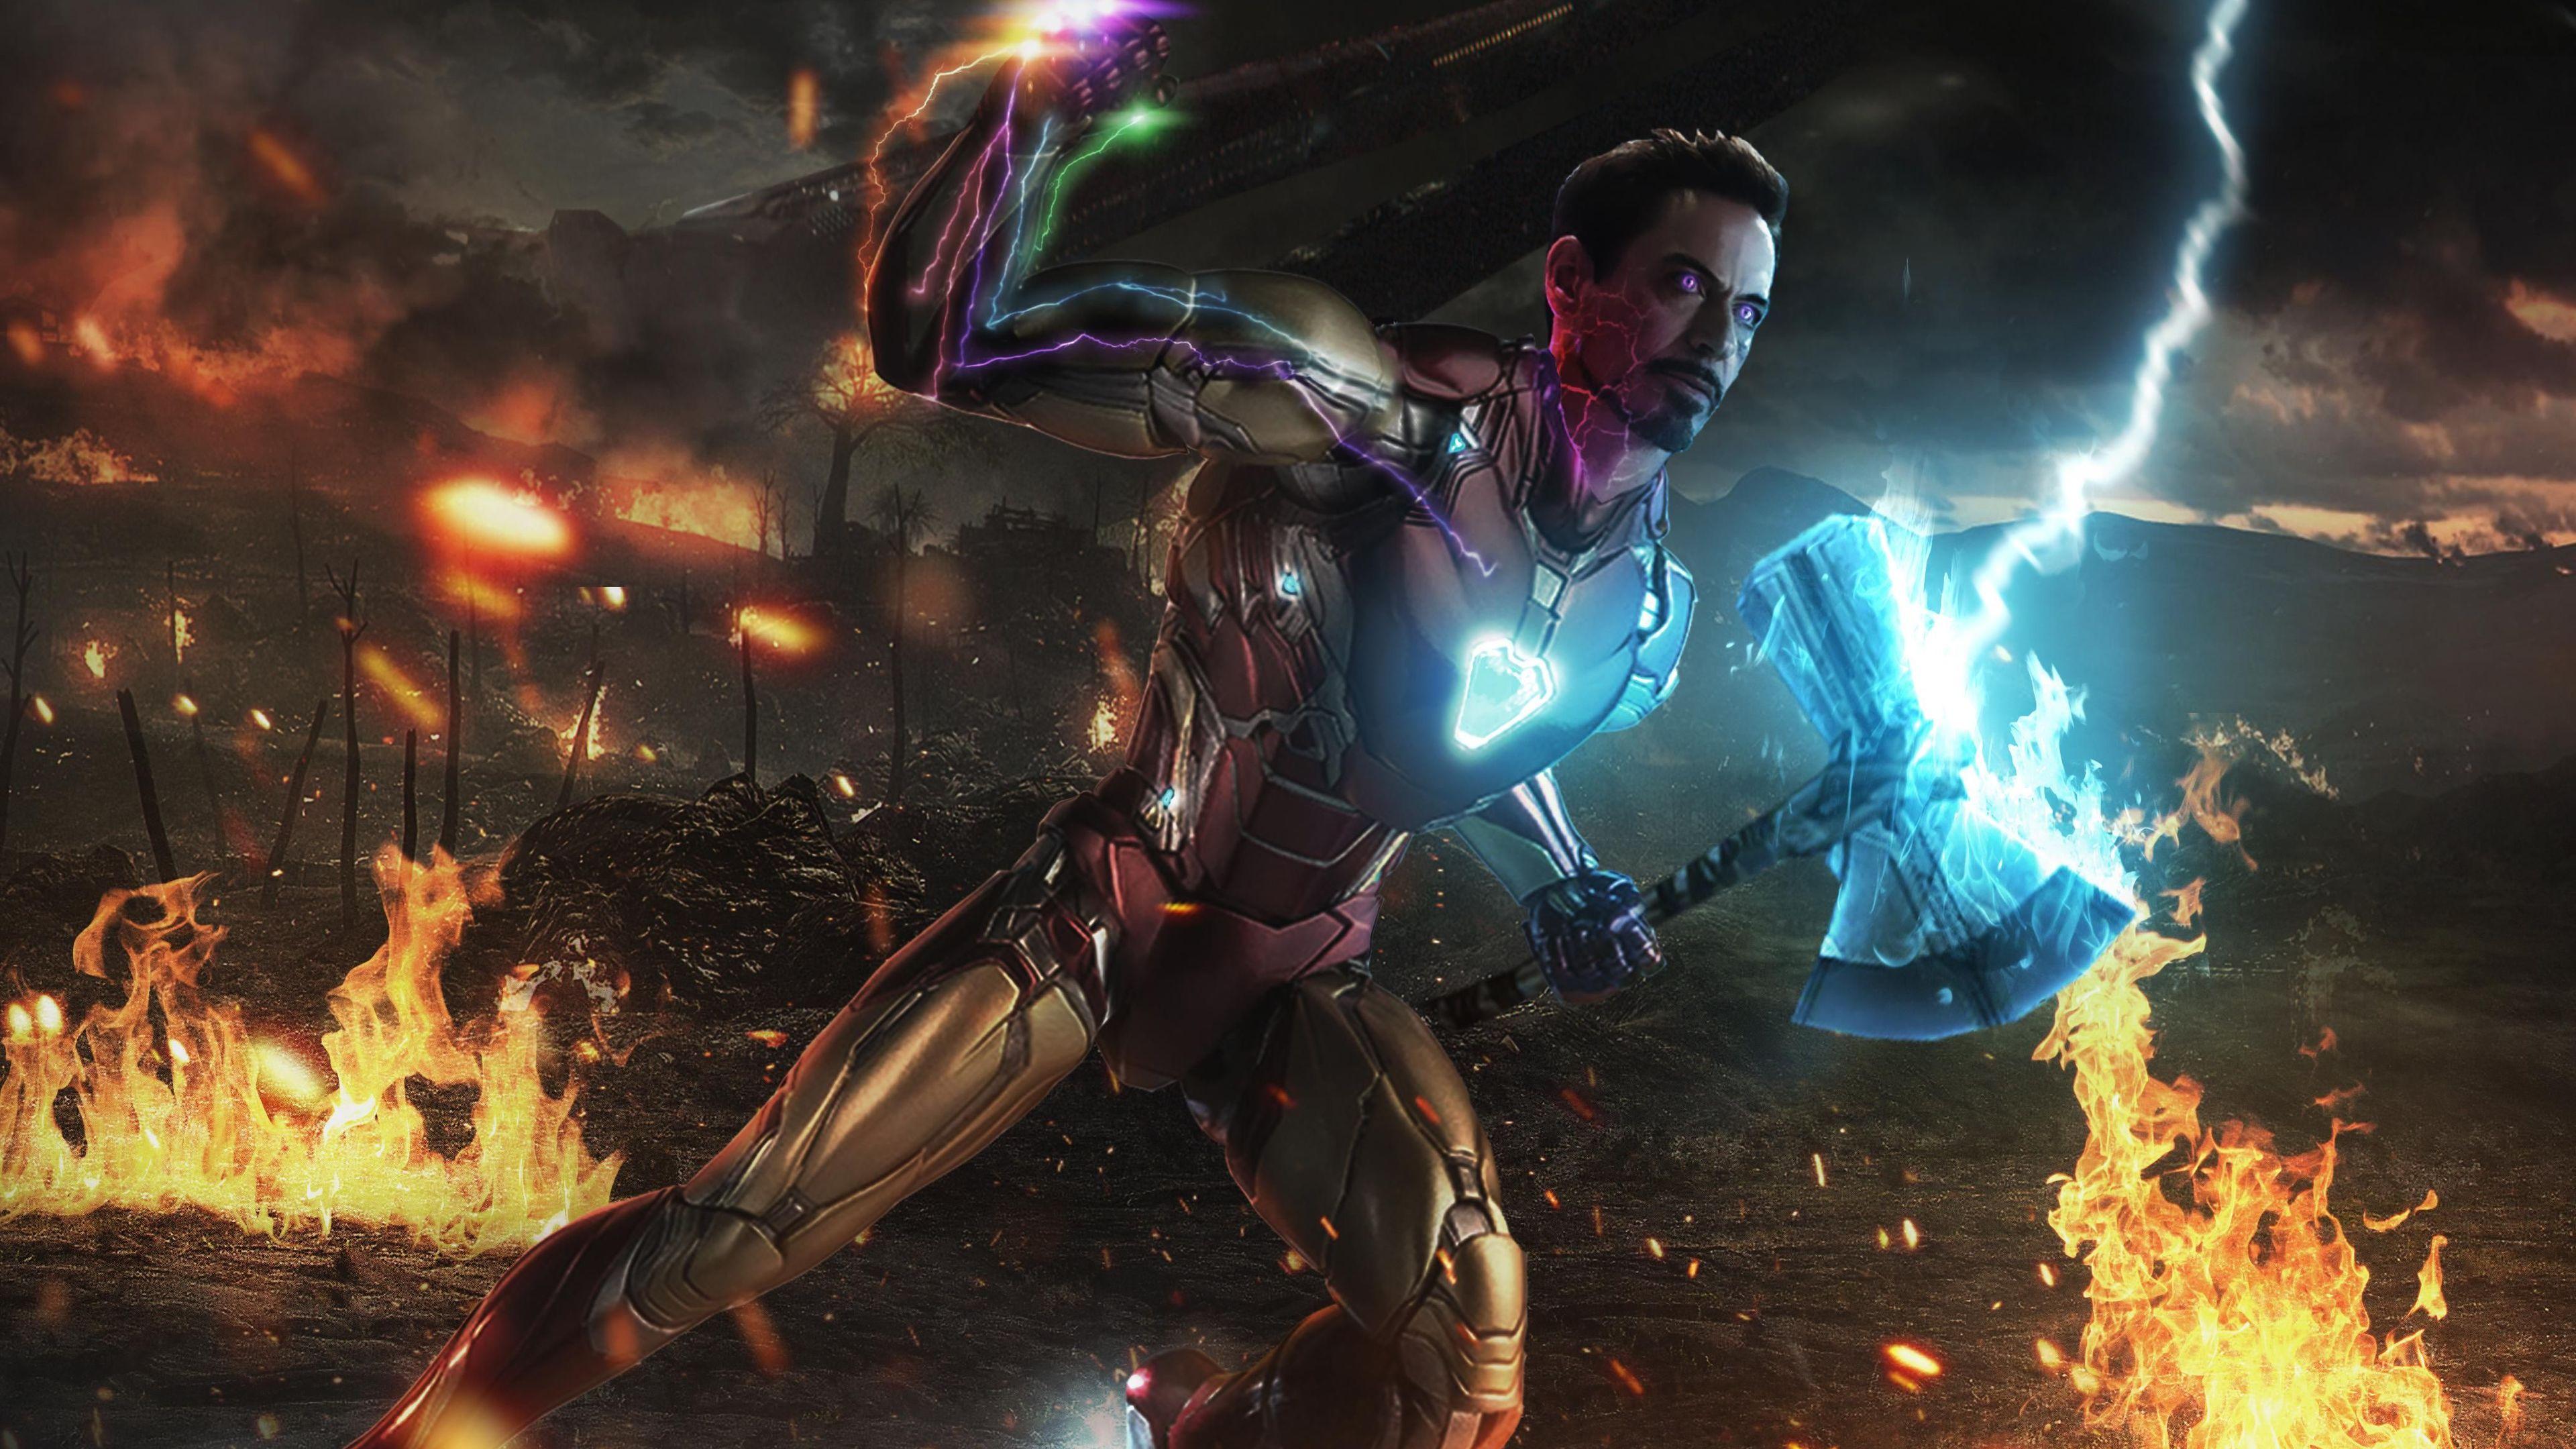 iron man stormbreaker with infinity gauntlet 1562105905 - Iron Man Stormbreaker With Infinity Gauntlet - superheroes wallpapers, iron man wallpapers, hd-wallpapers, digital art wallpapers, artwork wallpapers, 4k-wallpapers